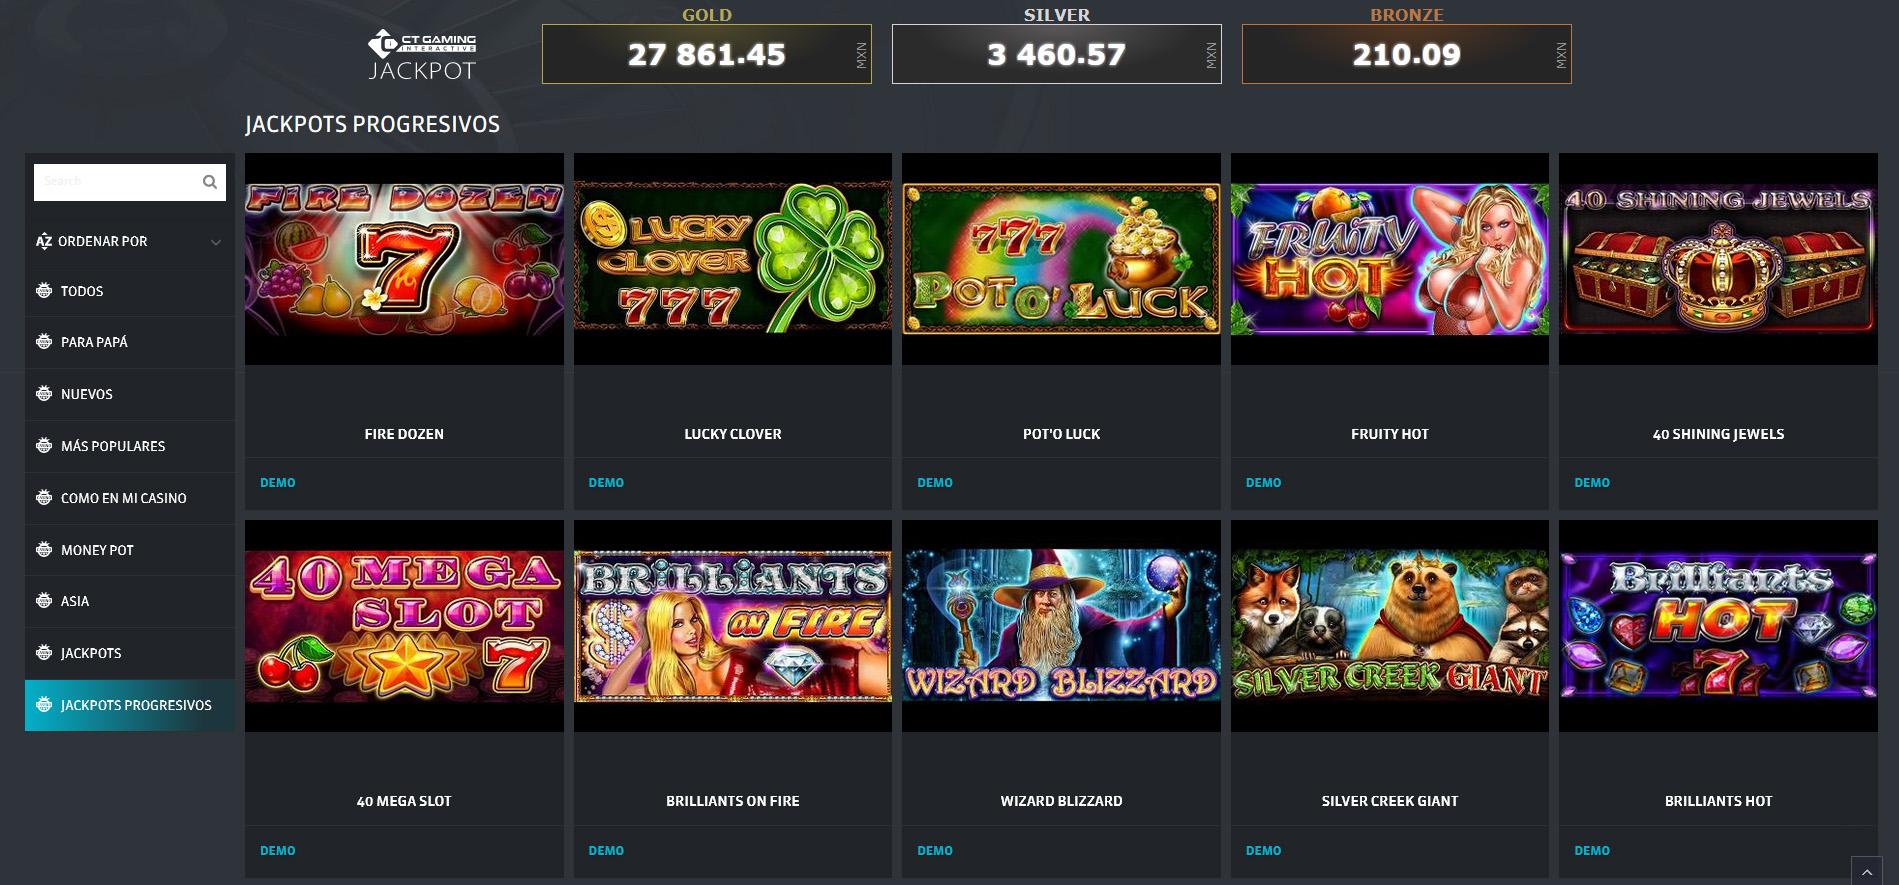 Juegos Strendus casino